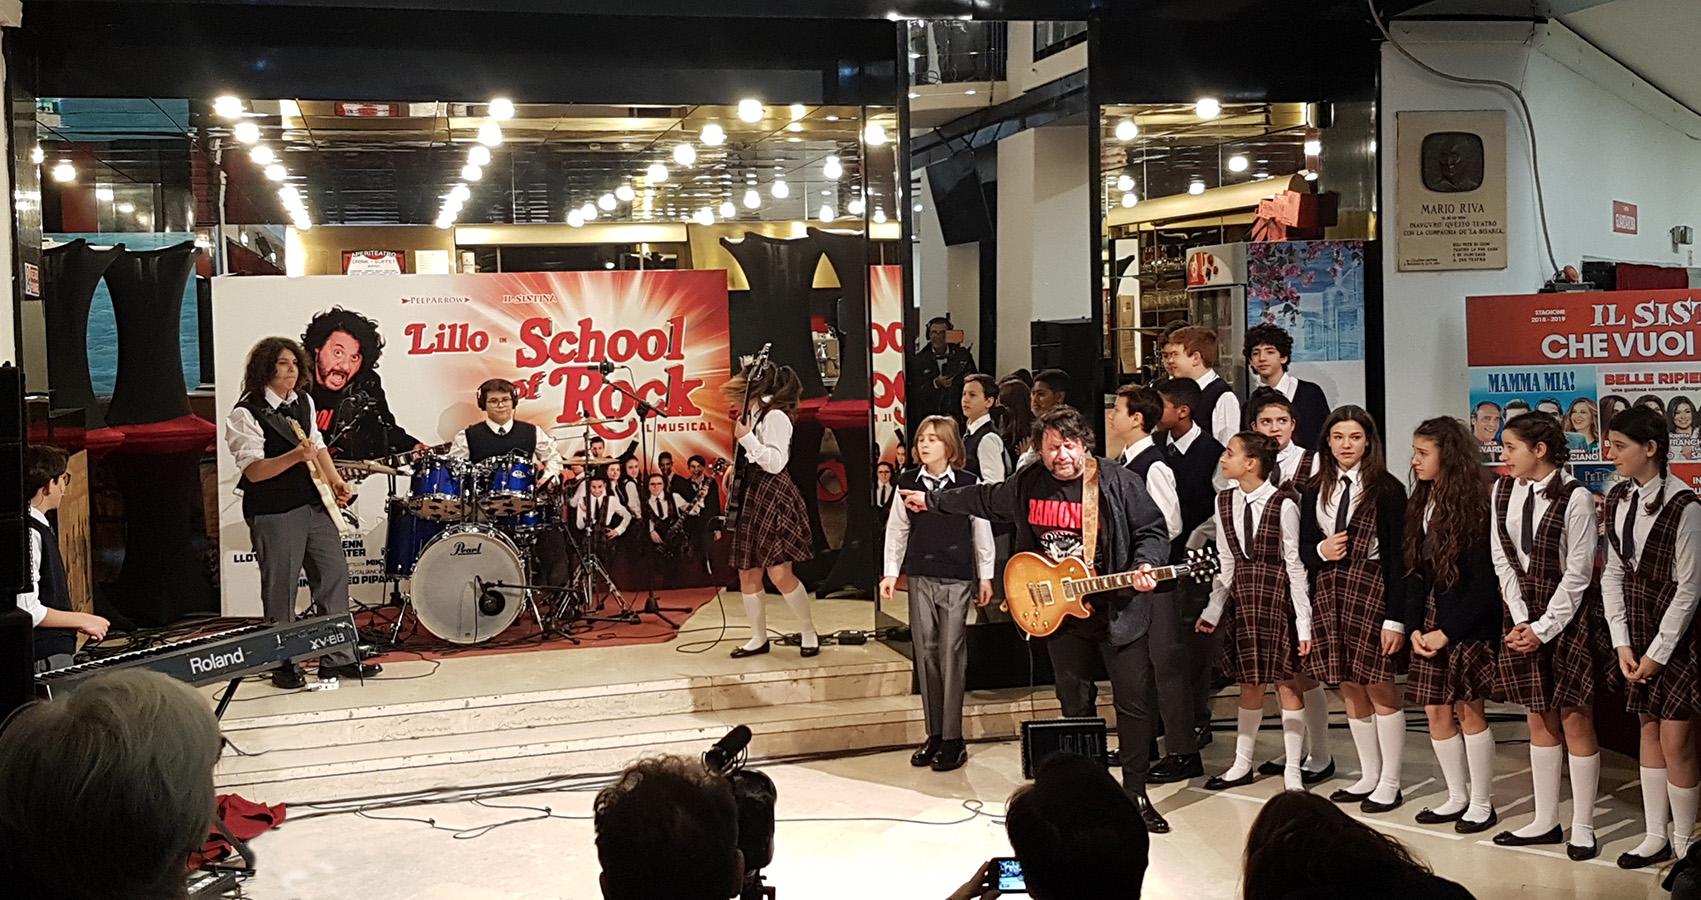 """L'IRREFRENABILE ENERGIA DI """"SCHOOL OF ROCK"""". Il musical presentato alla stampa"""